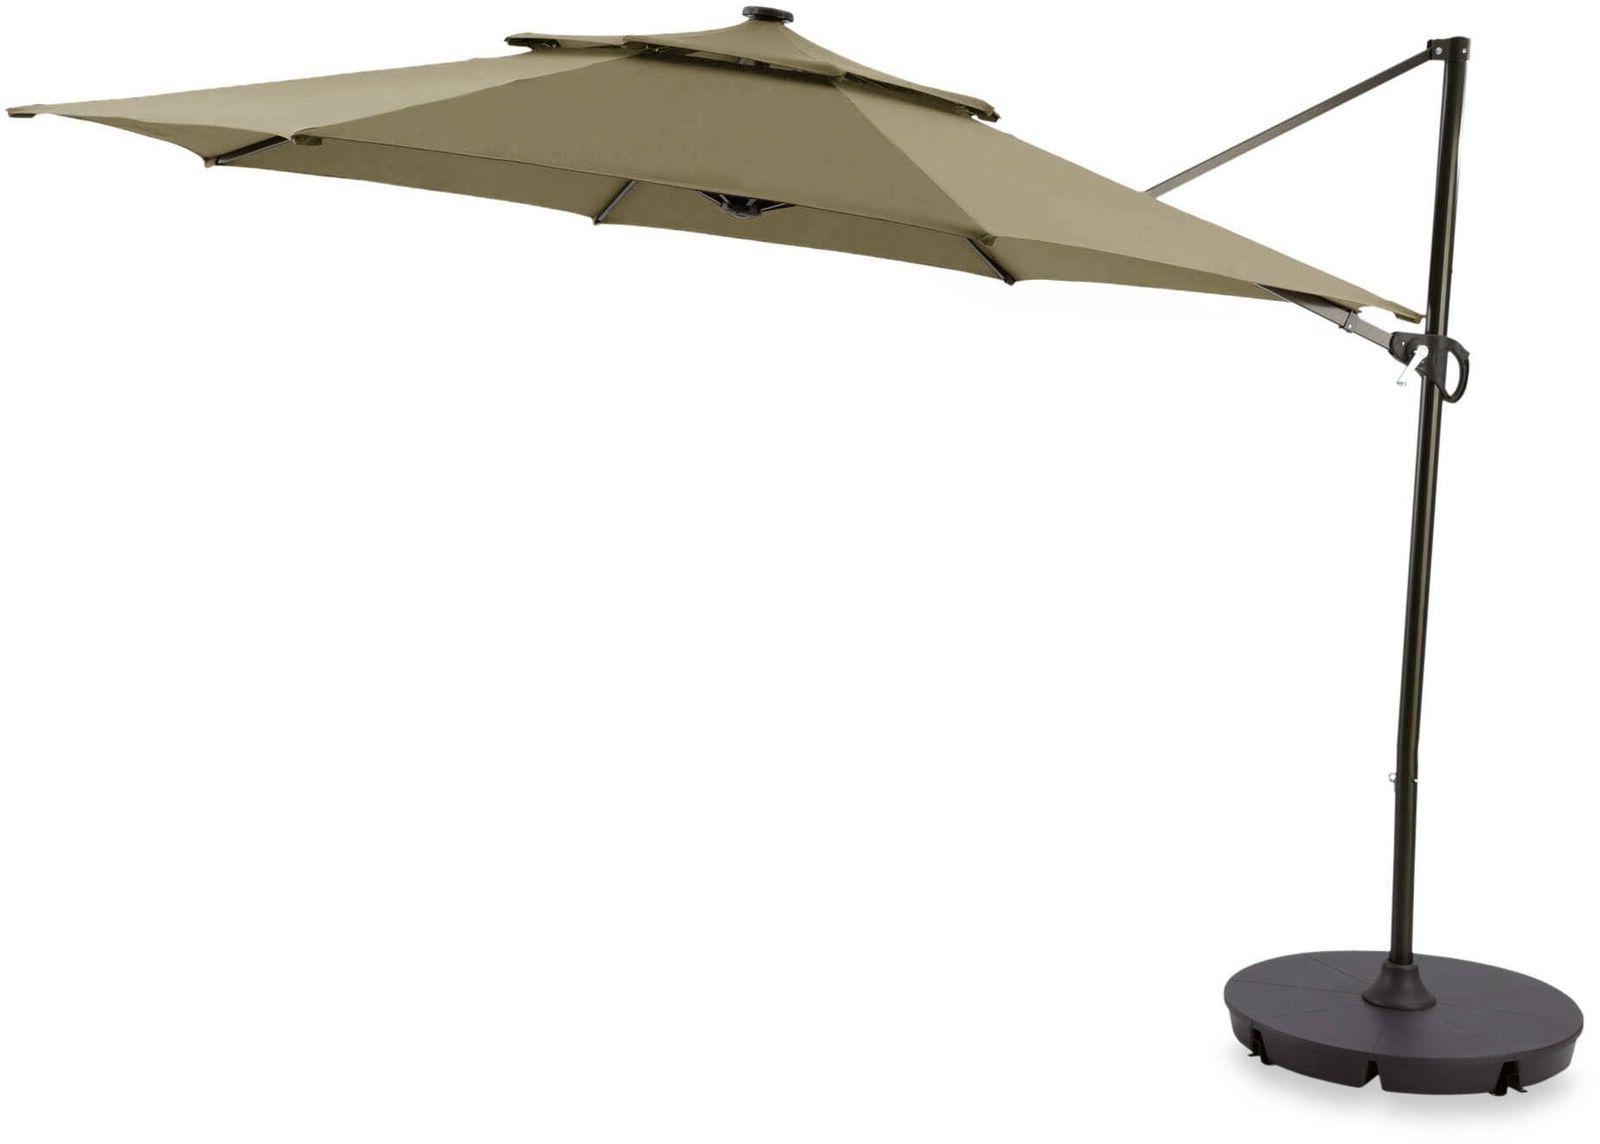 Sun Ray Solar Cantilever Umbrellas For Well Liked 11 Ft Round Solar Cantilever Patio Umbrella Yard Outdoor Shade Home Garden  Sun (View 14 of 20)